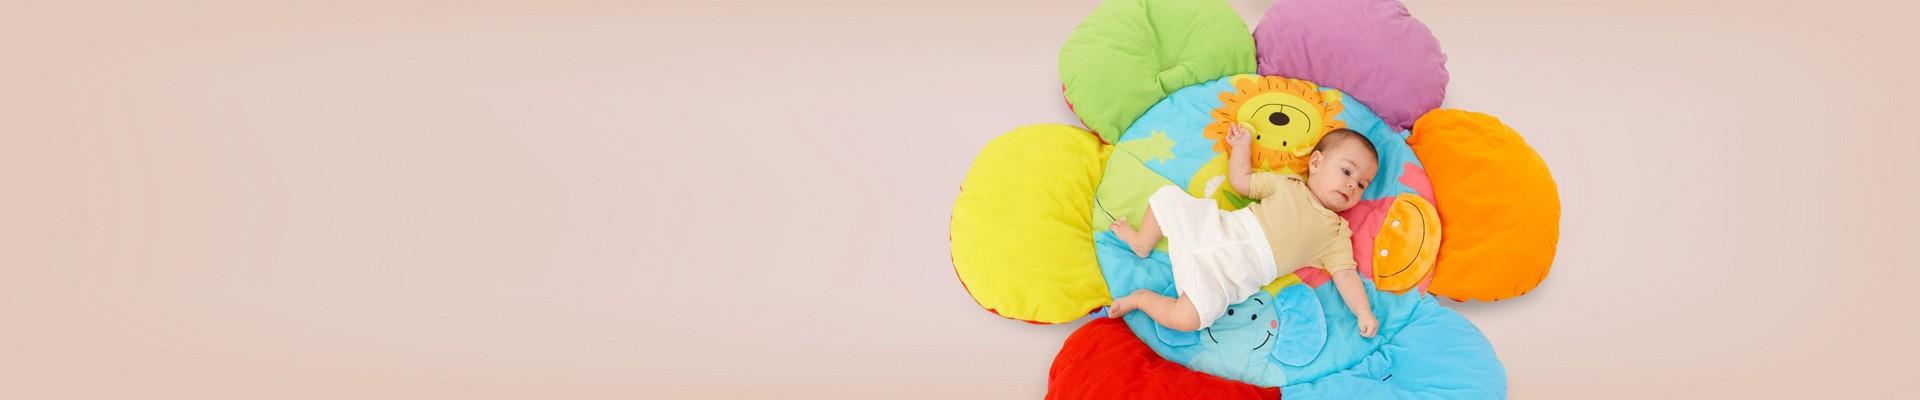 Jual Karpet & Playmat Bayi Bayi Aman & Berkualitas